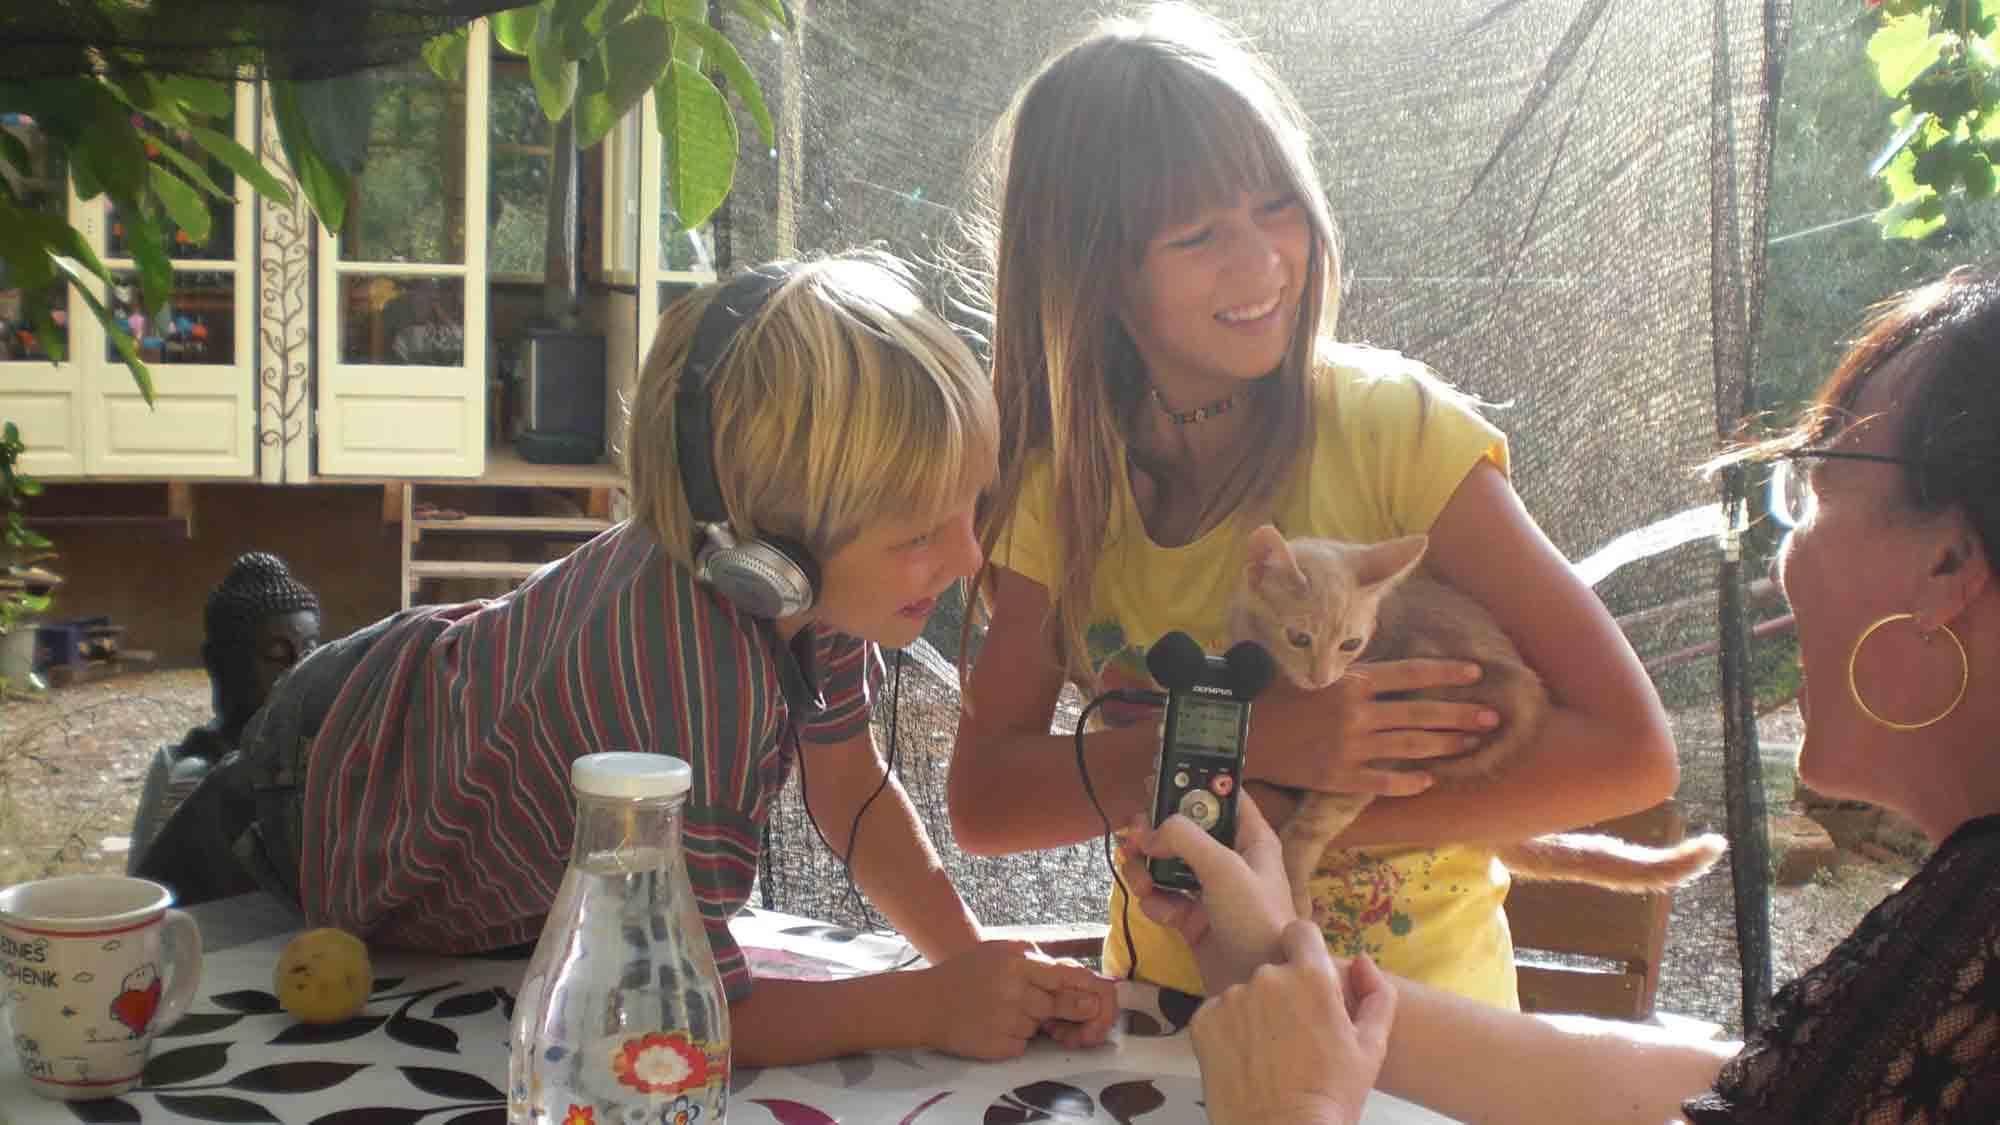 Interview mit den Kindern deutscher Auswanderer auf der griechischen Insel Peleponnes, Copyright: Cornelia Saxe